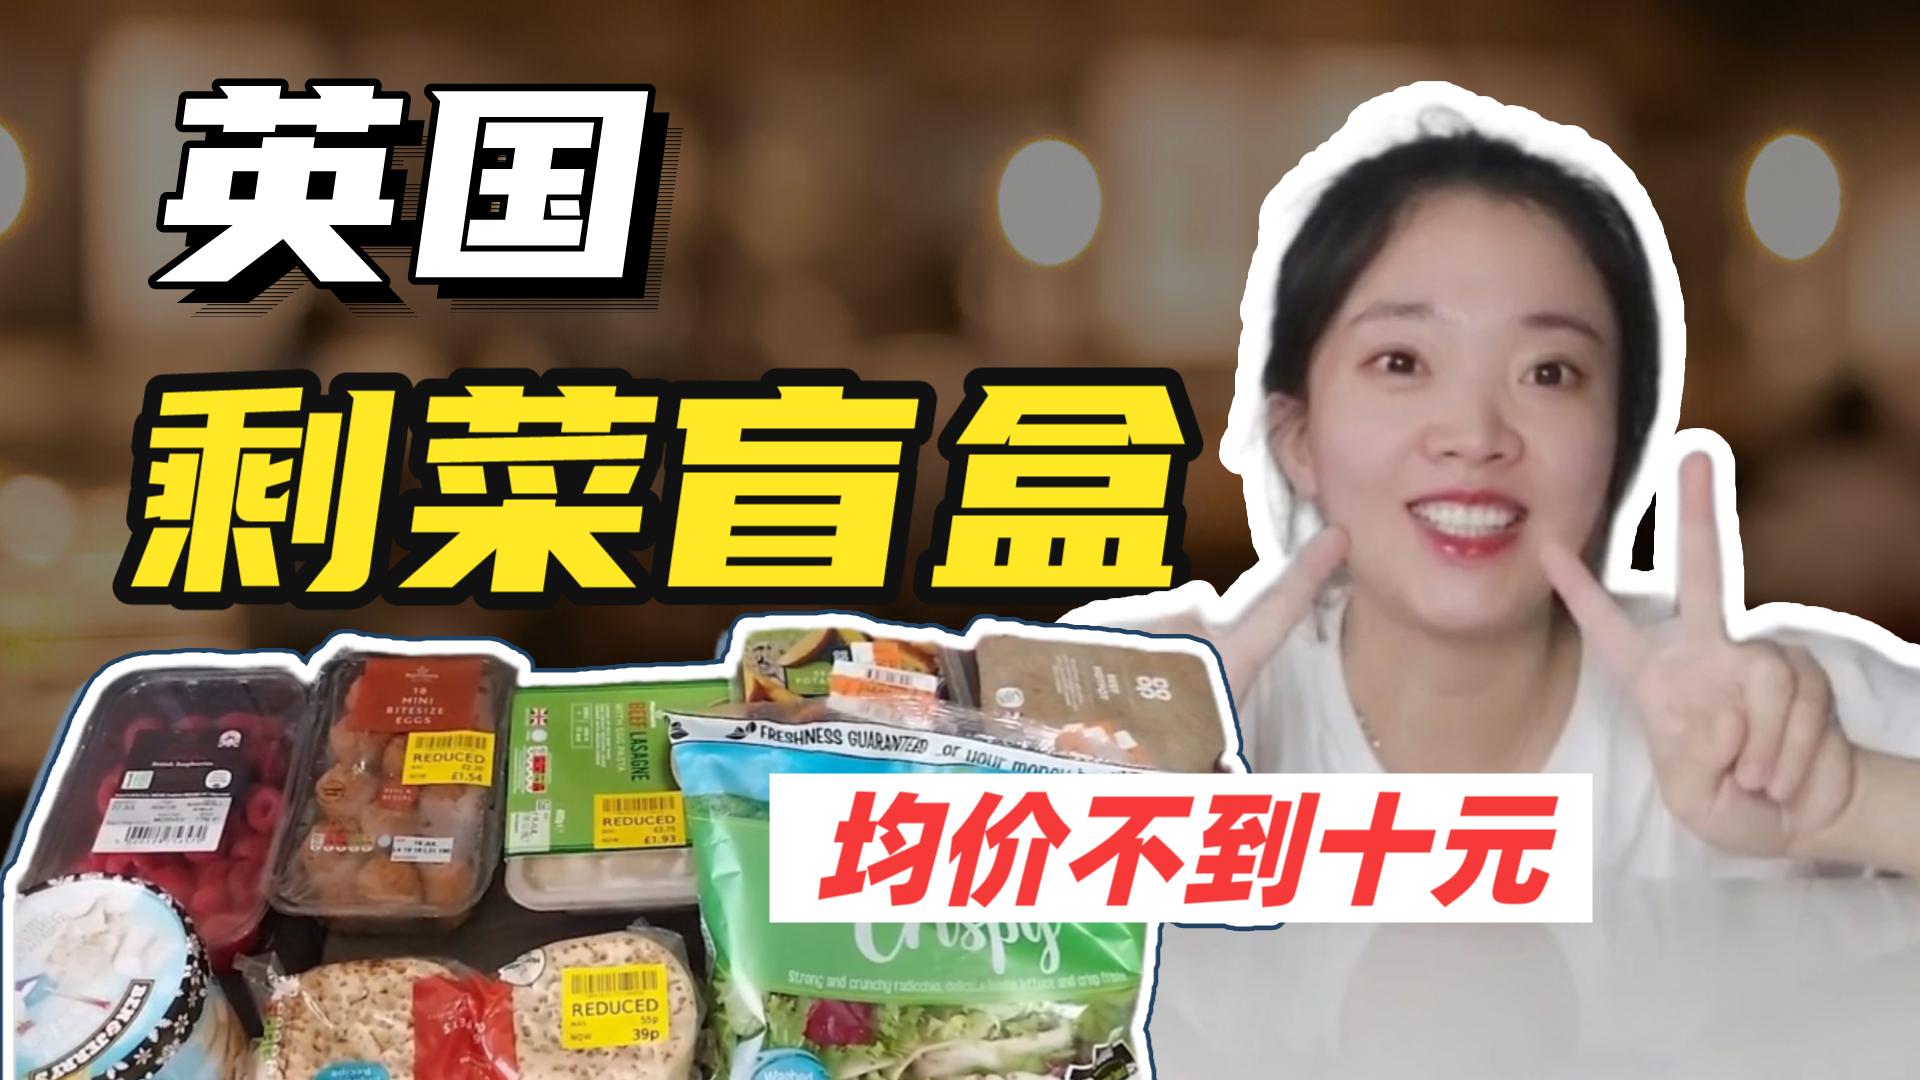 小徐叨不叨9|临过期食物以盲盒售出,国外疯抢!不过有些质量堪忧